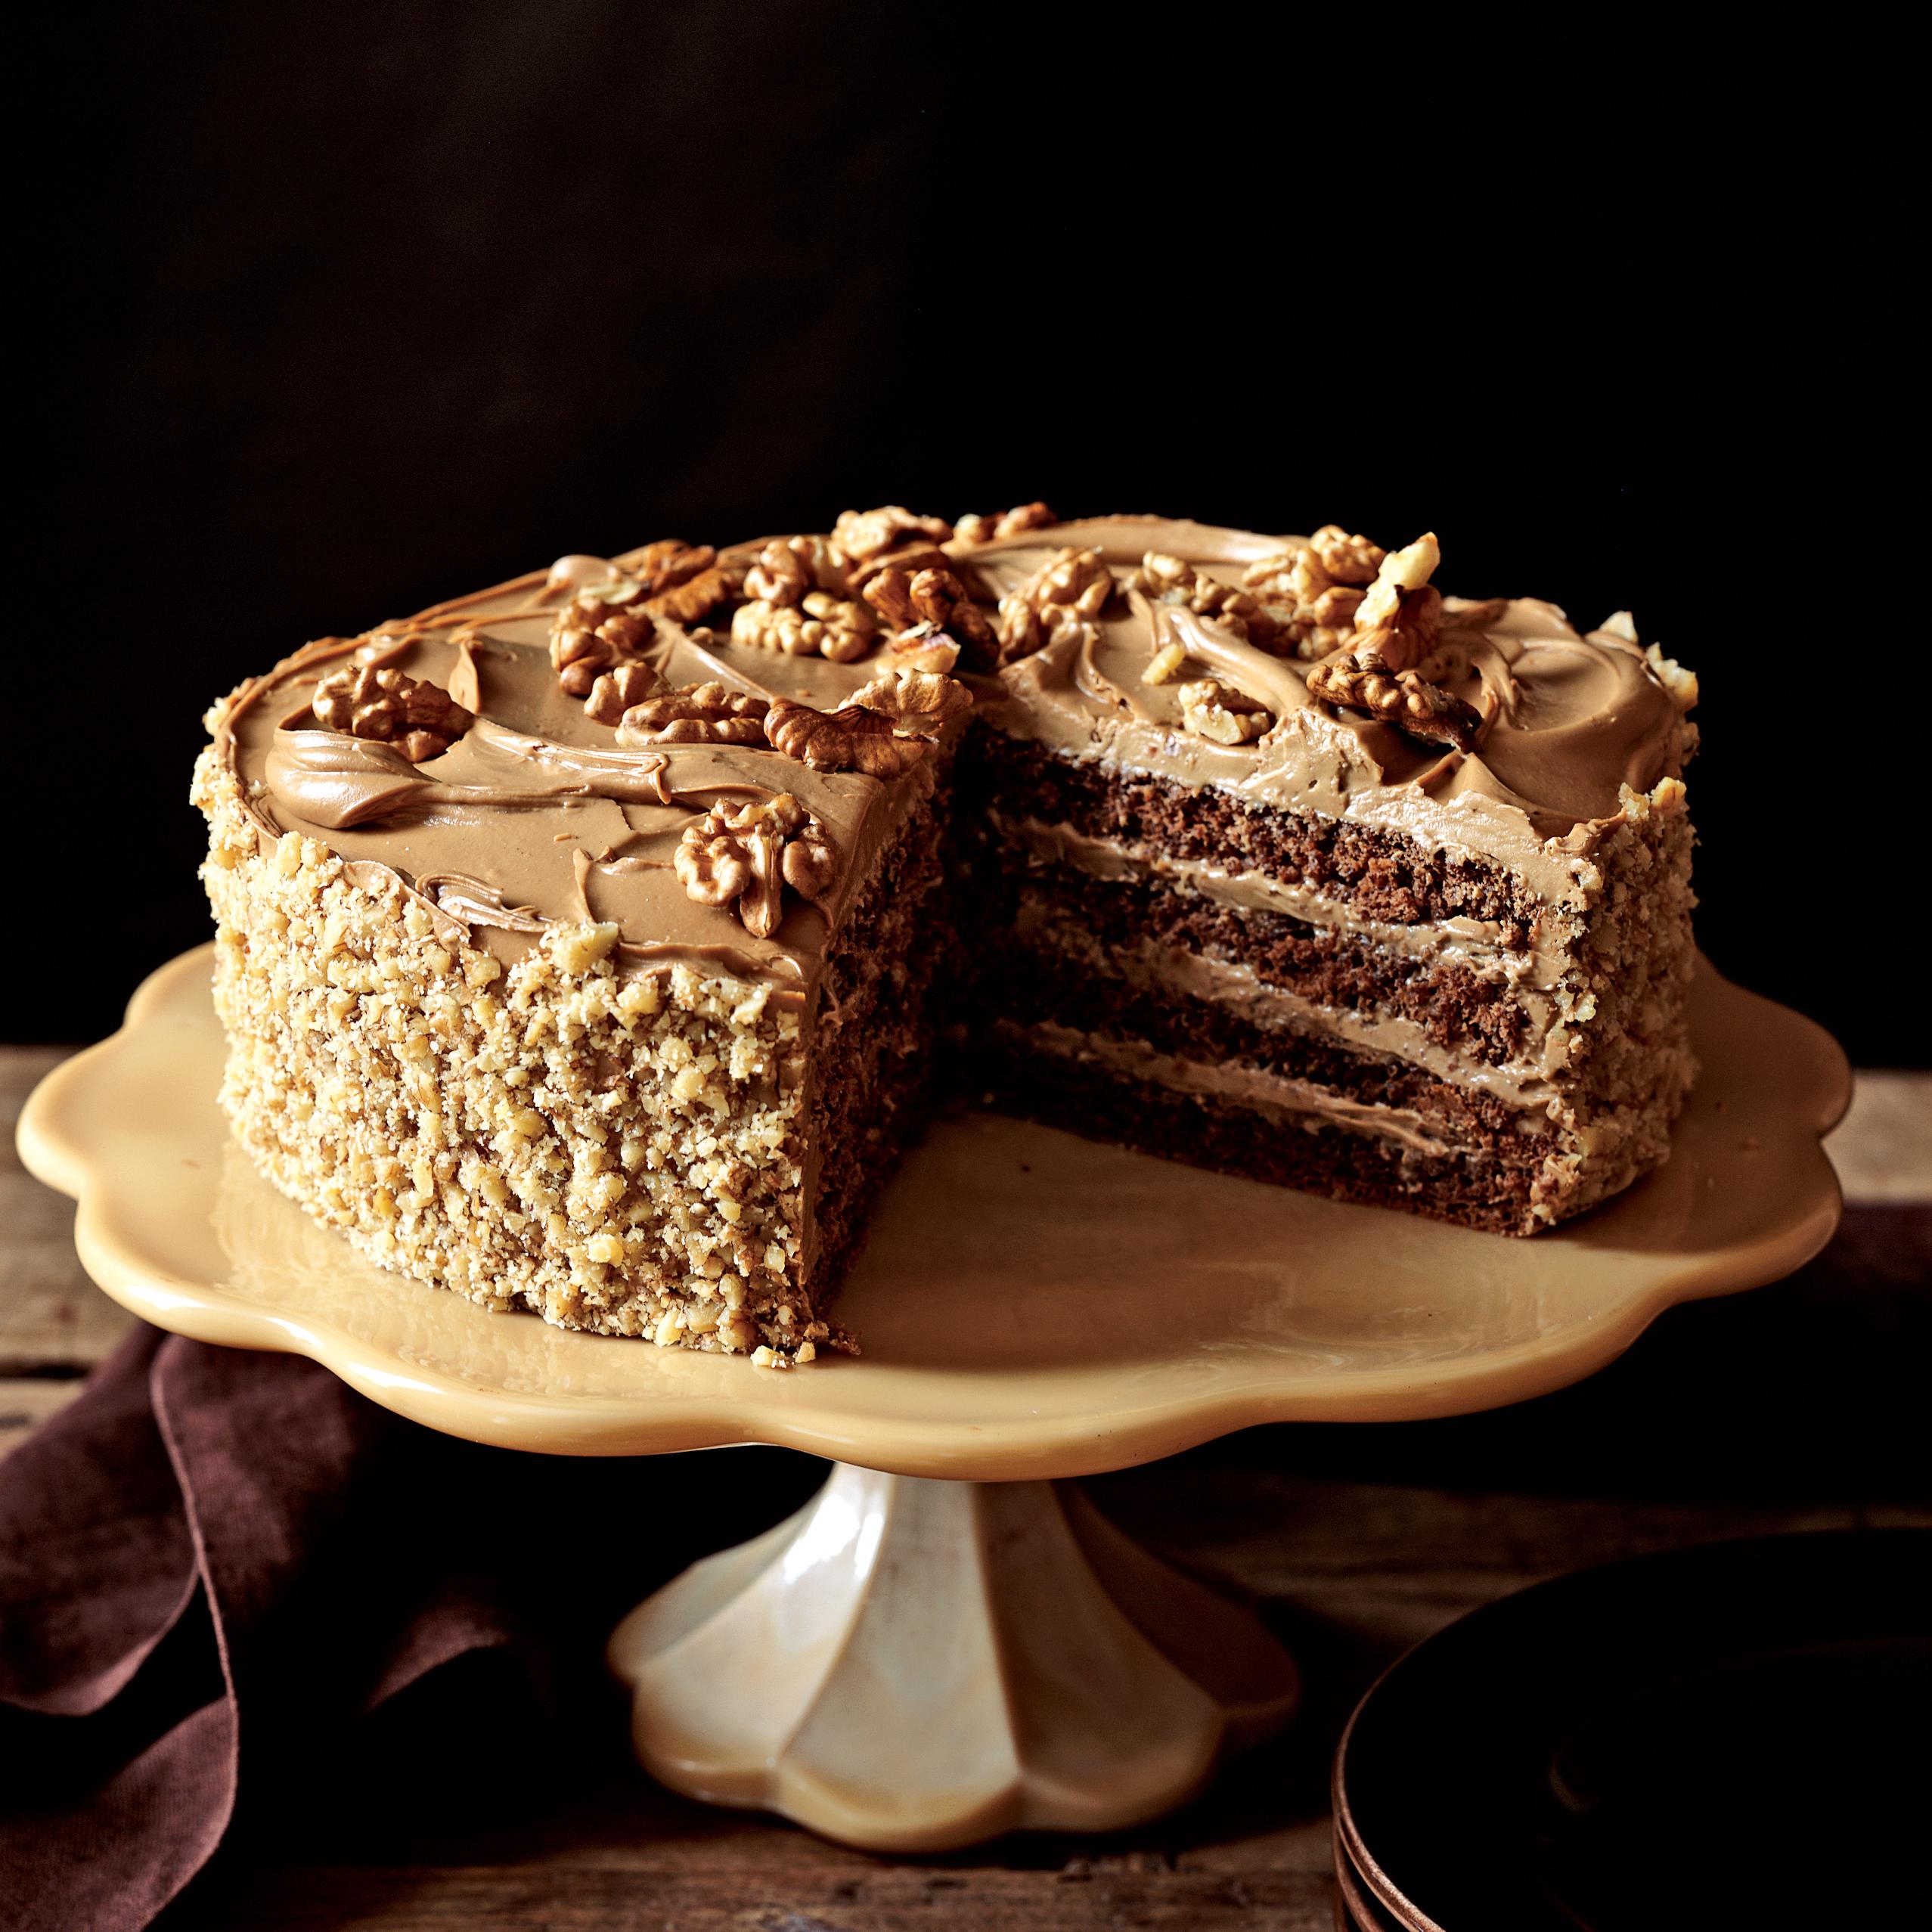 Moka & Hazelnut Cake